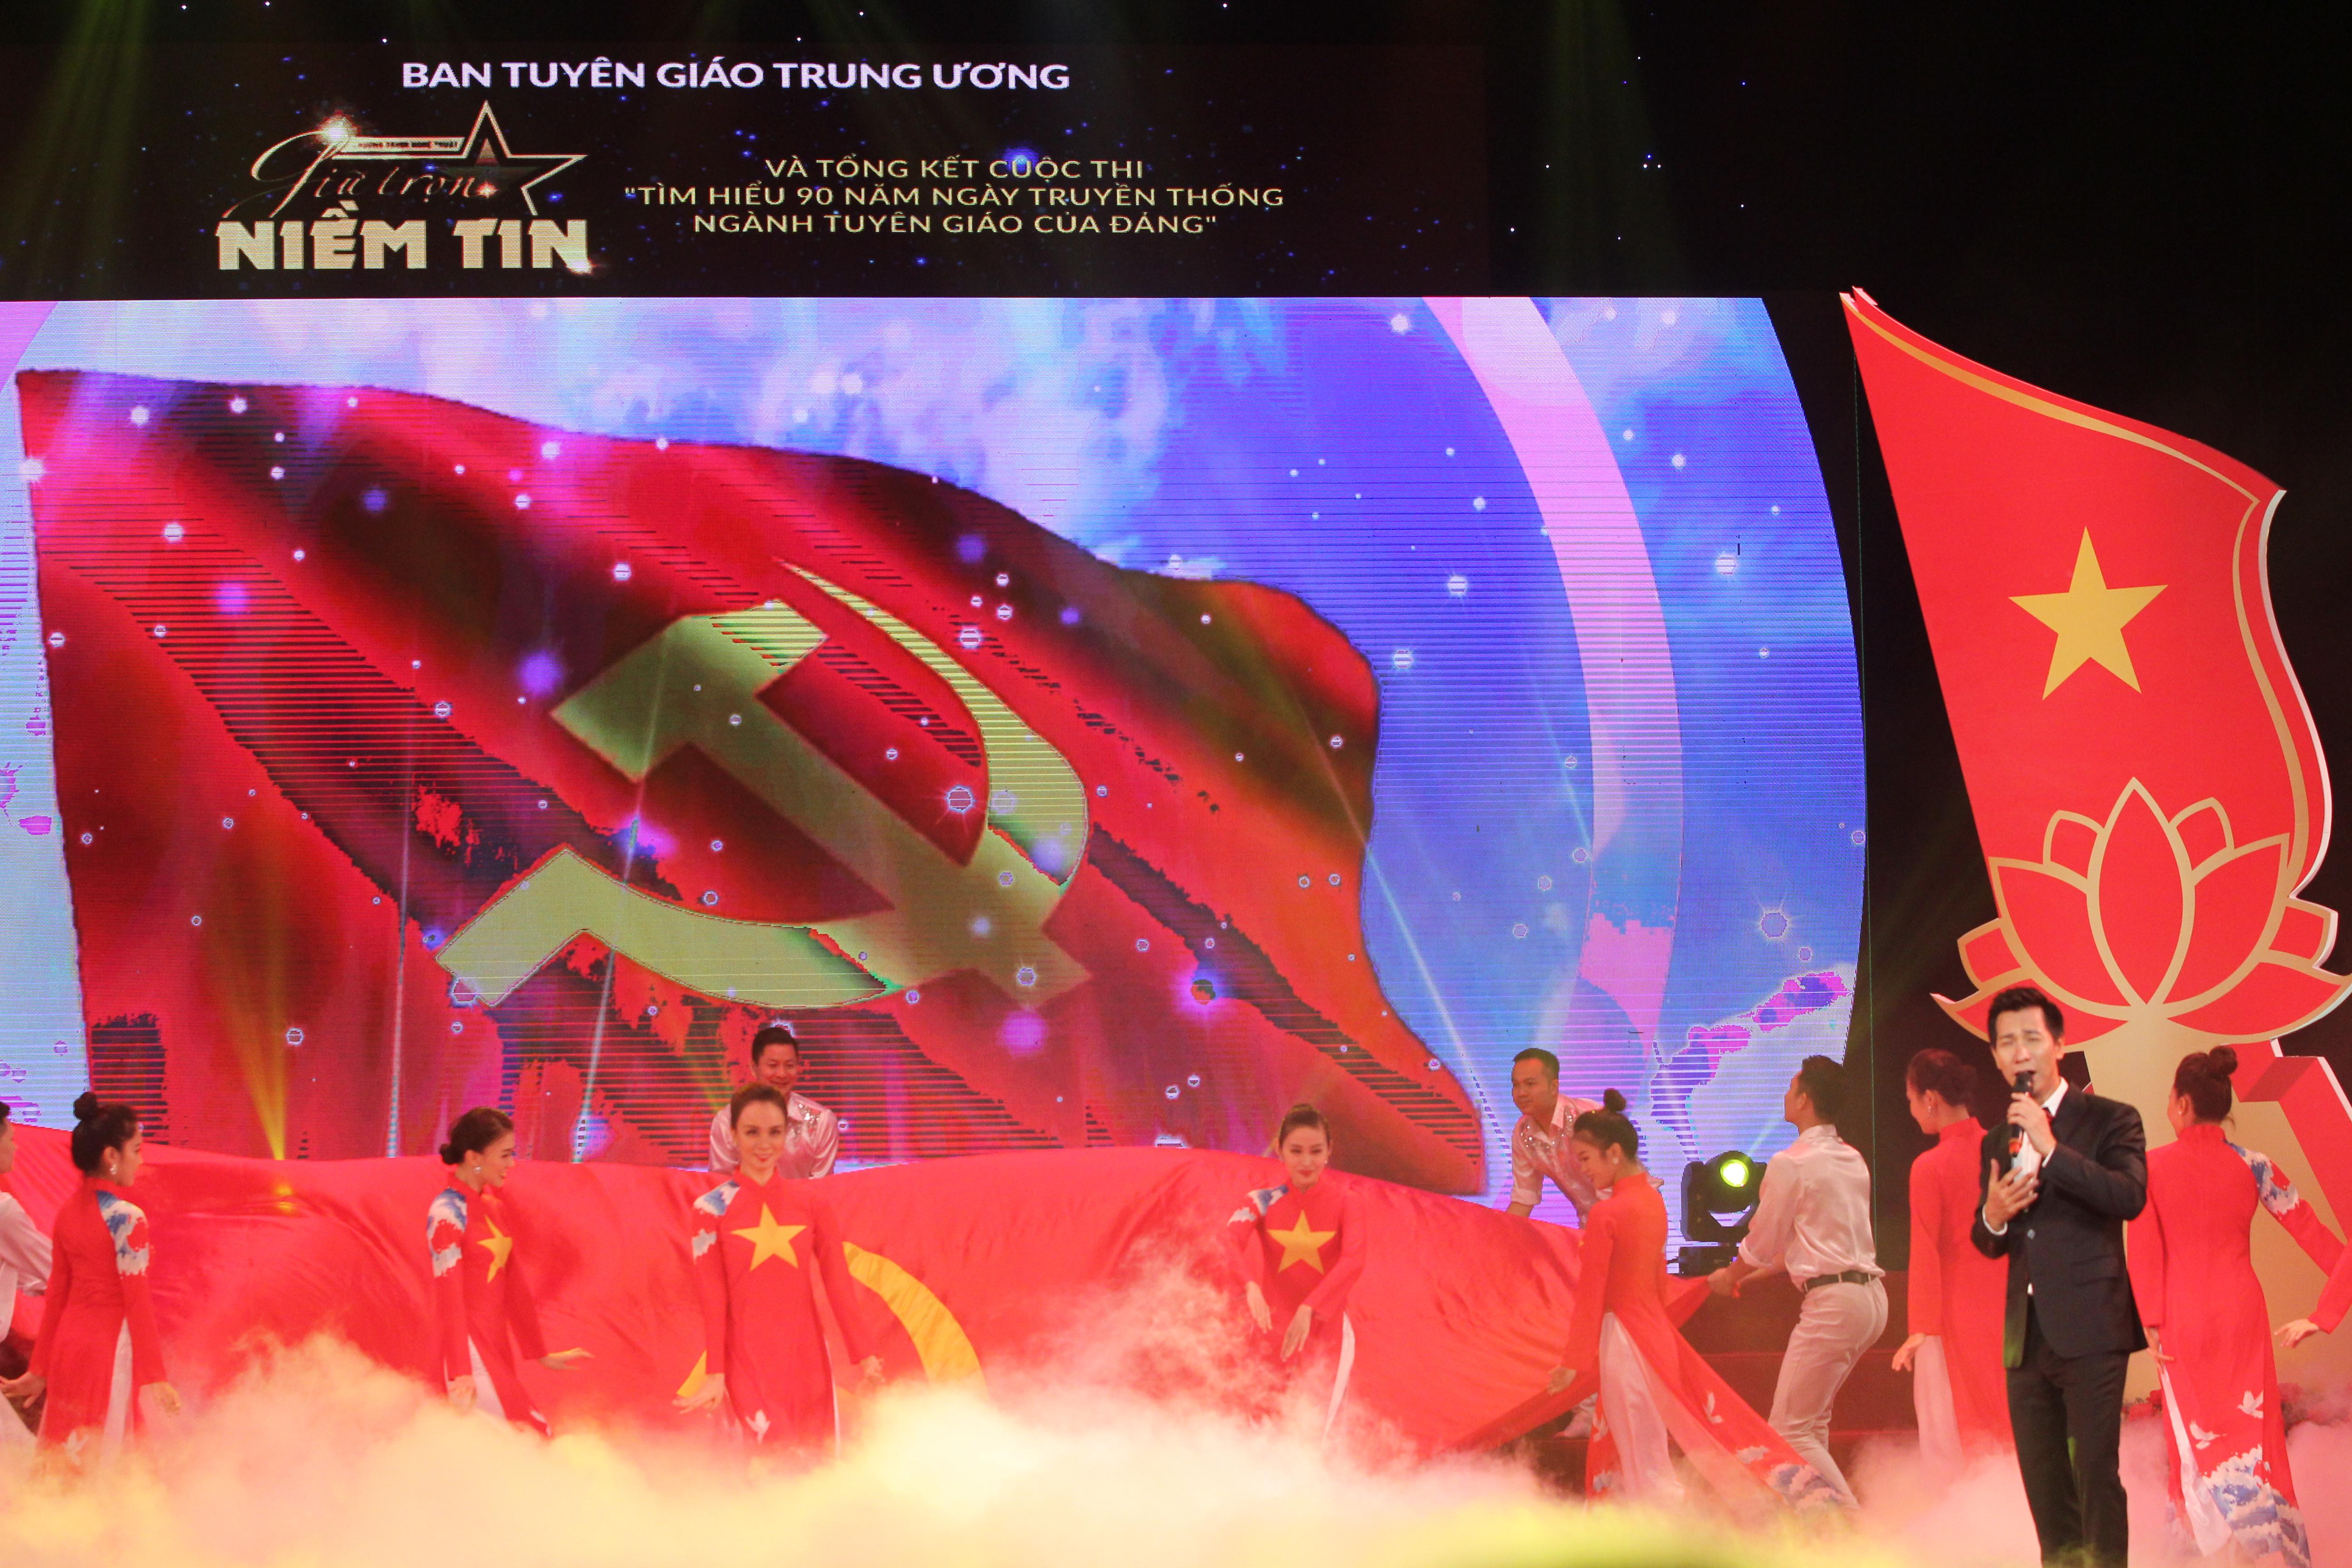 """Bài hát """"Lá cờ Đảng"""" trong Chương trình nghệ thuật """"Giữ trọn niềm tin"""""""